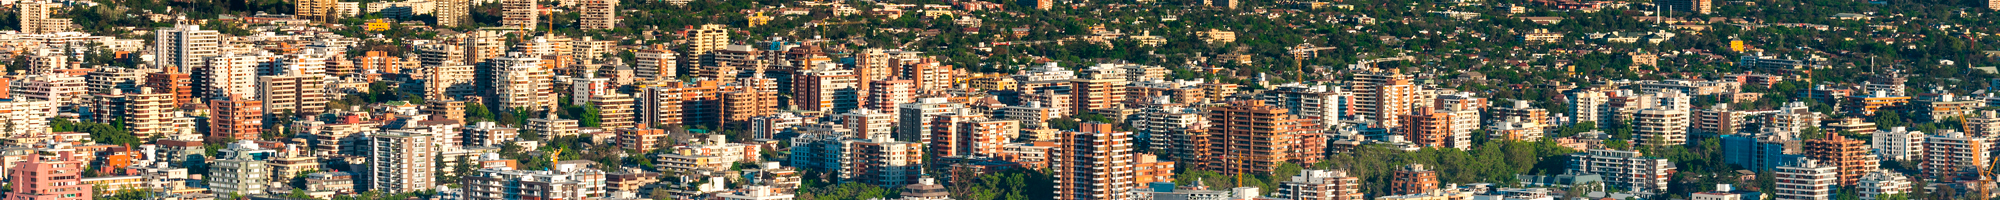 hoteles en Iquique